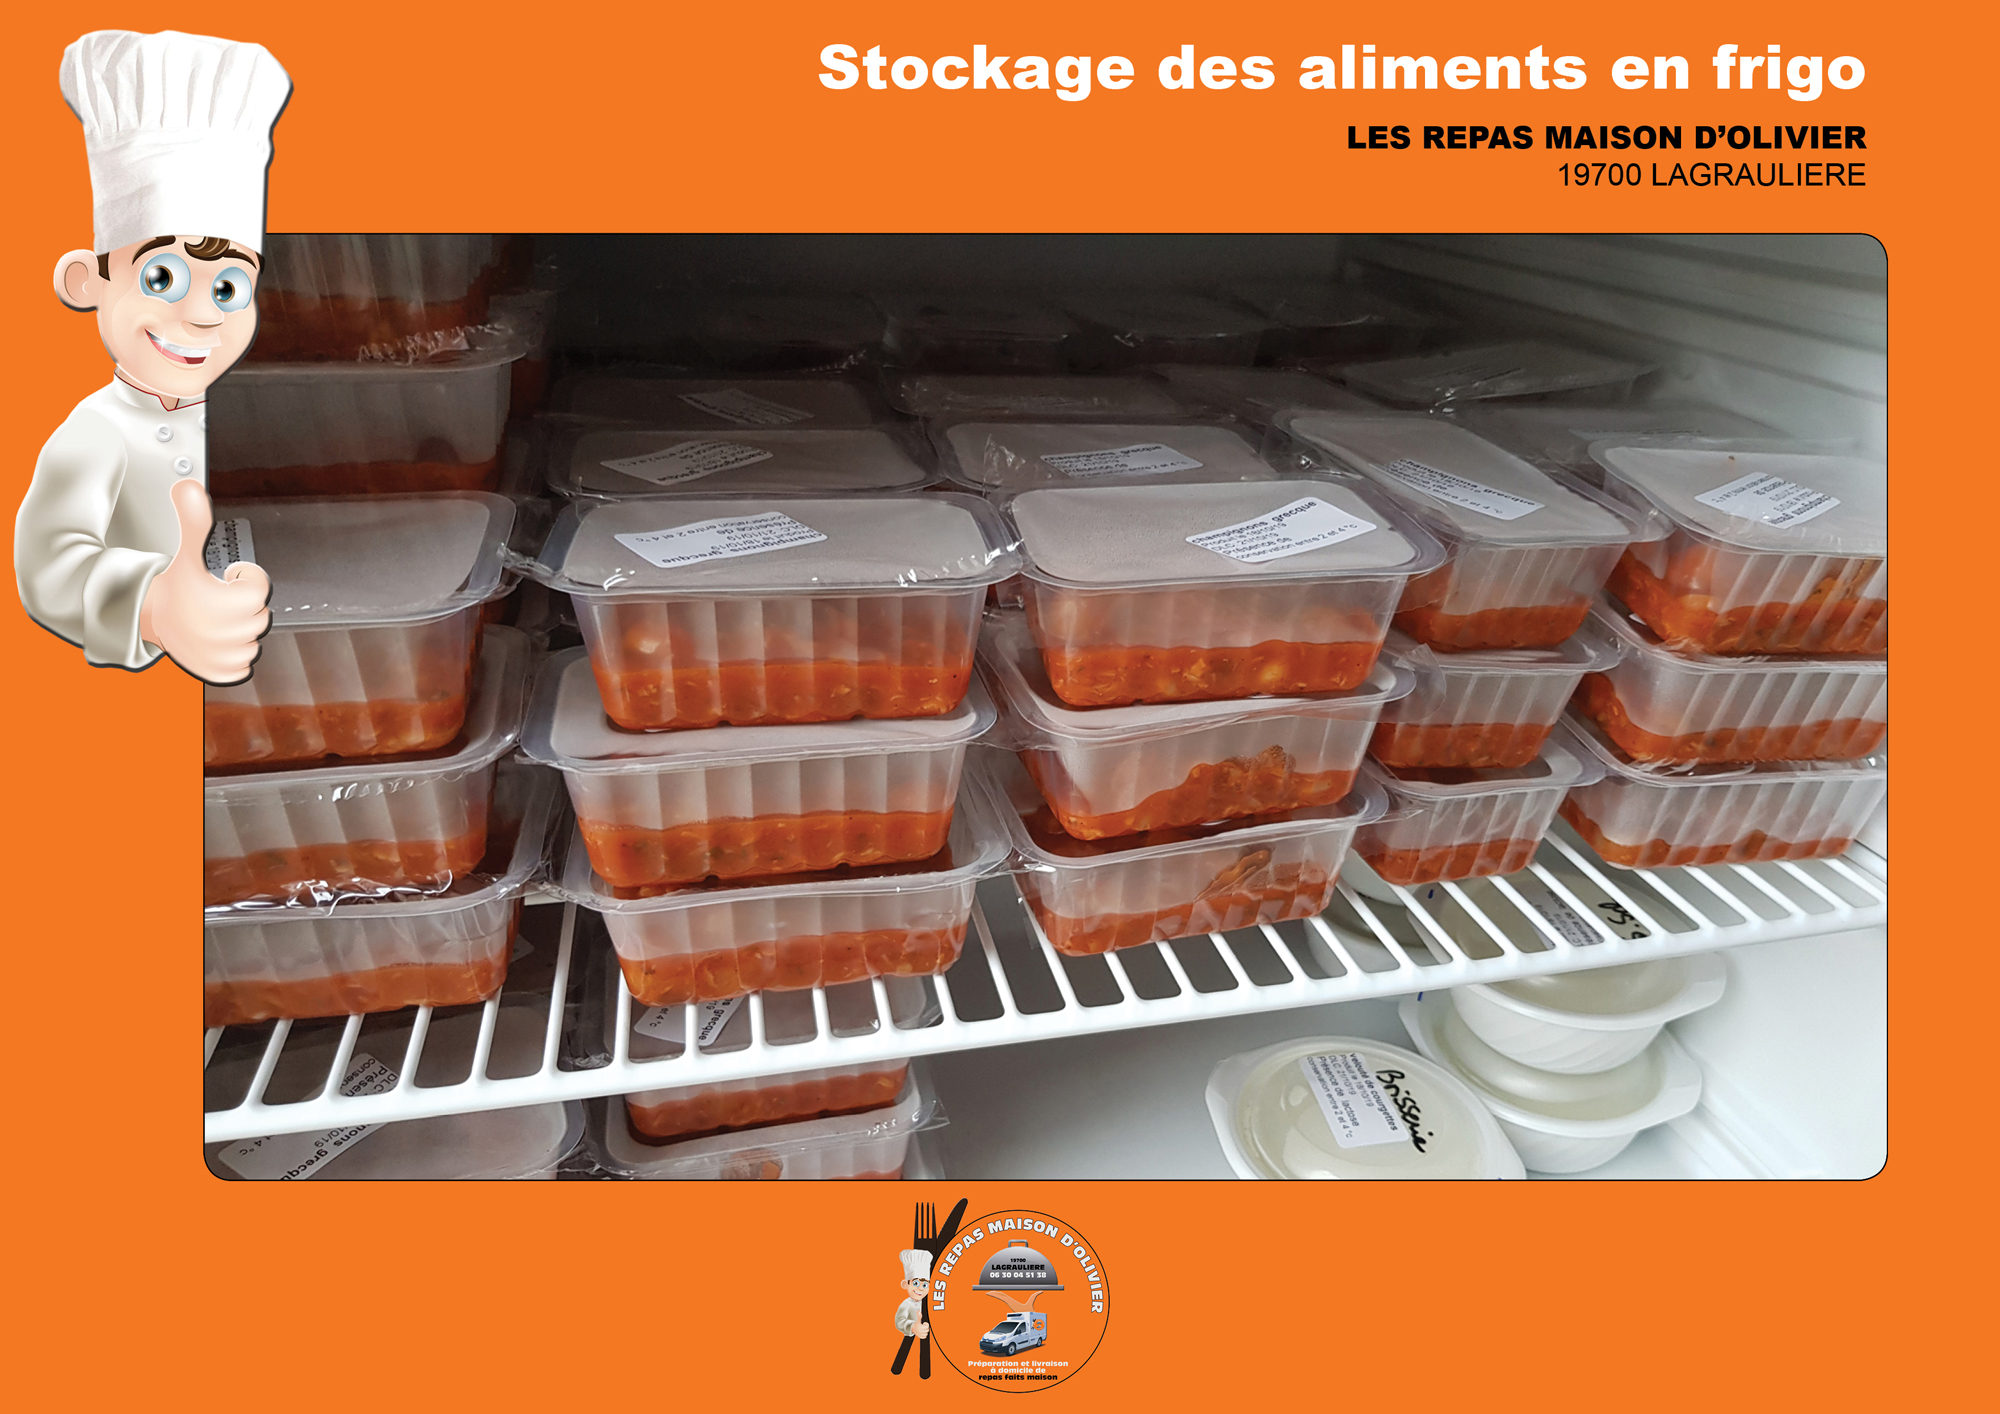 Stockage-frigo-5